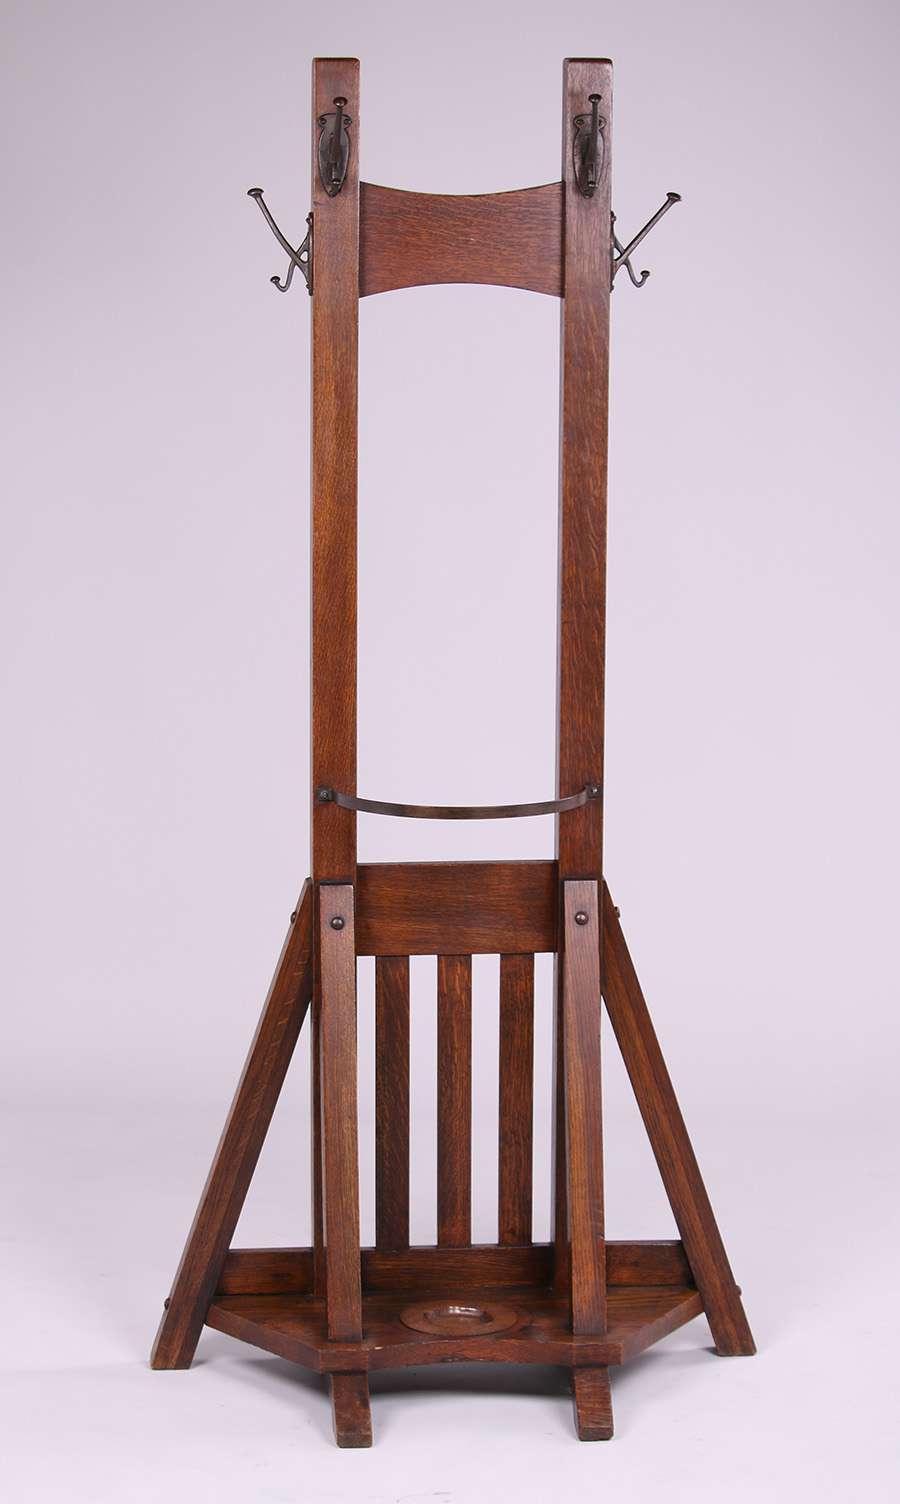 Grand Rapids Bookcase Amp Chair Co Double Coatrack California Historical Design